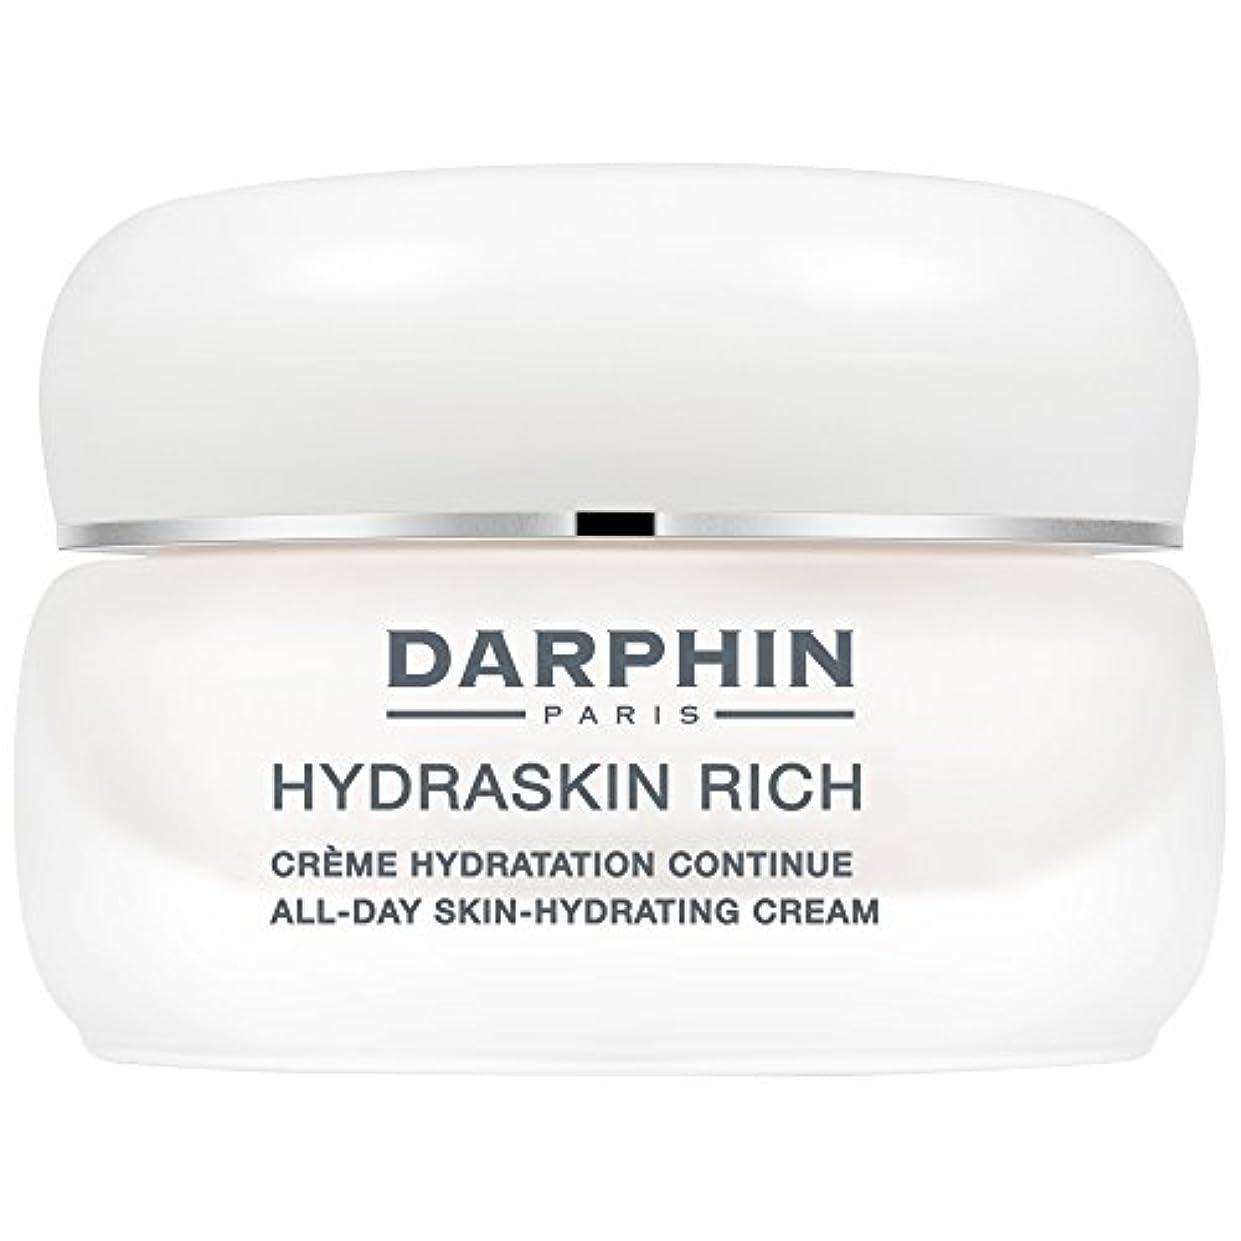 浴首相起きろダルファンリッチHydraskin、50ミリリットル (Darphin) - Darphin Hydraskin Rich, 50ml [並行輸入品]